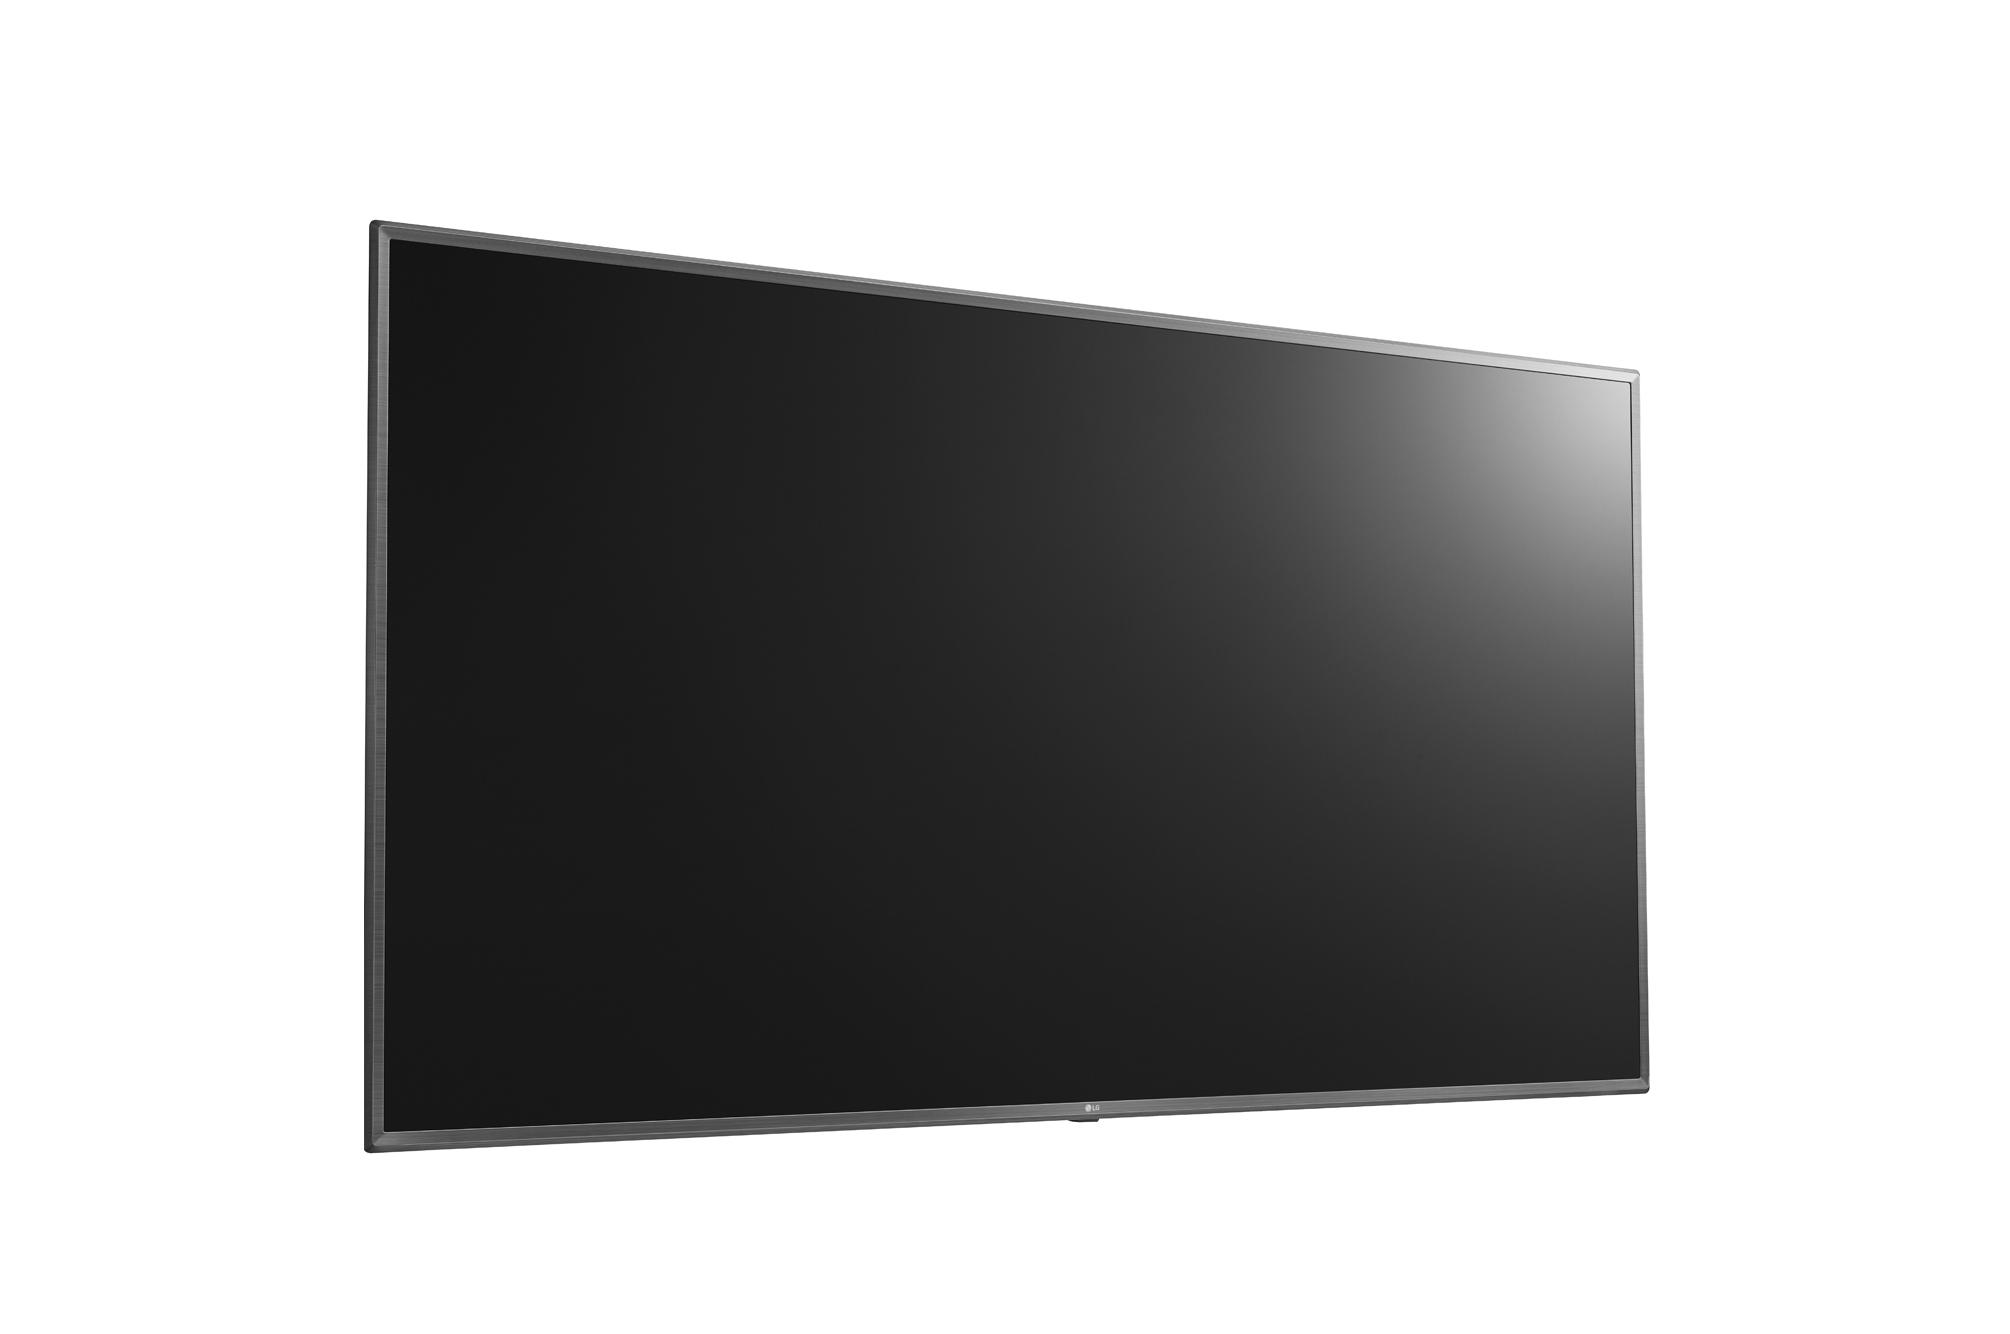 LG Standard Premium 86UL3G-B 7